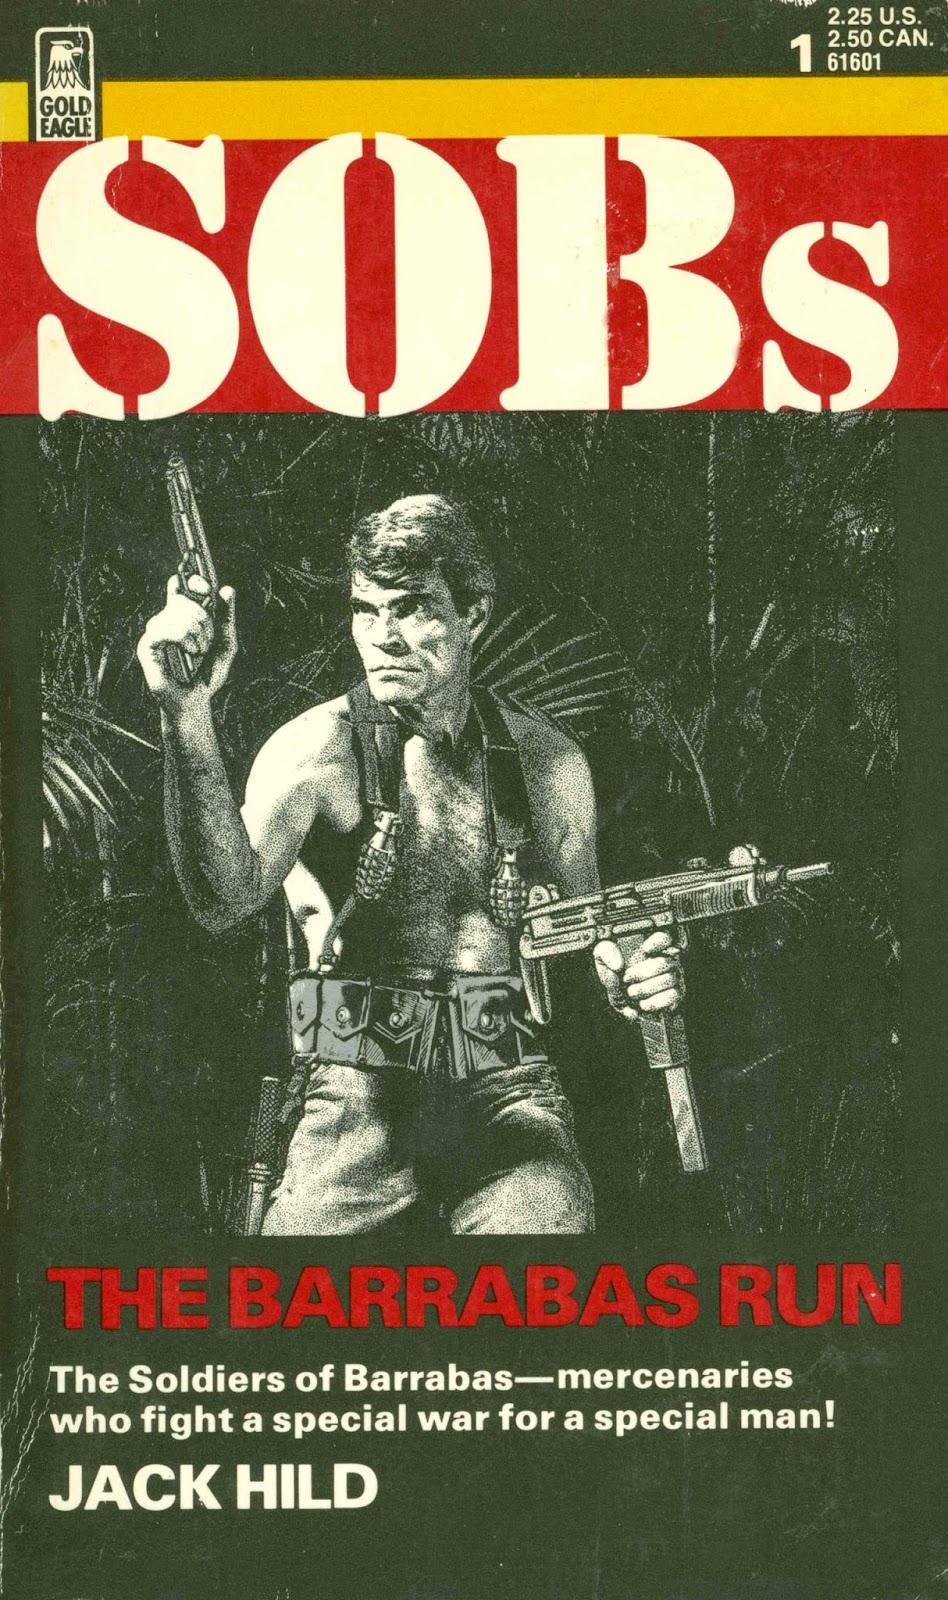 SOBs #1: The Barrabas Run